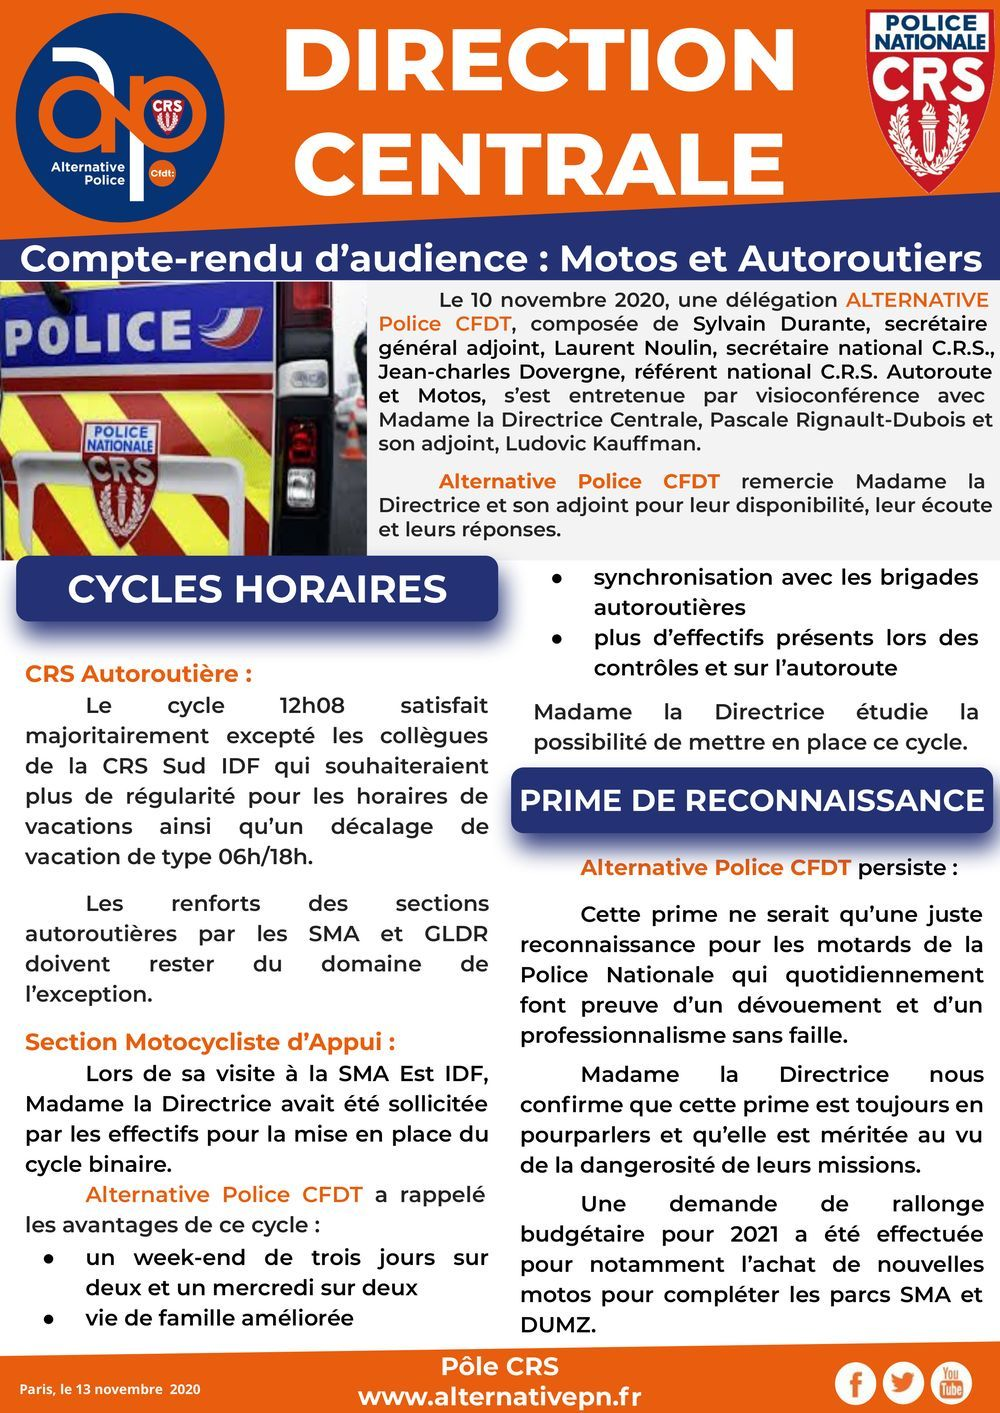 DCCRS - compte-rendu d'audience : autoroutiers et motos